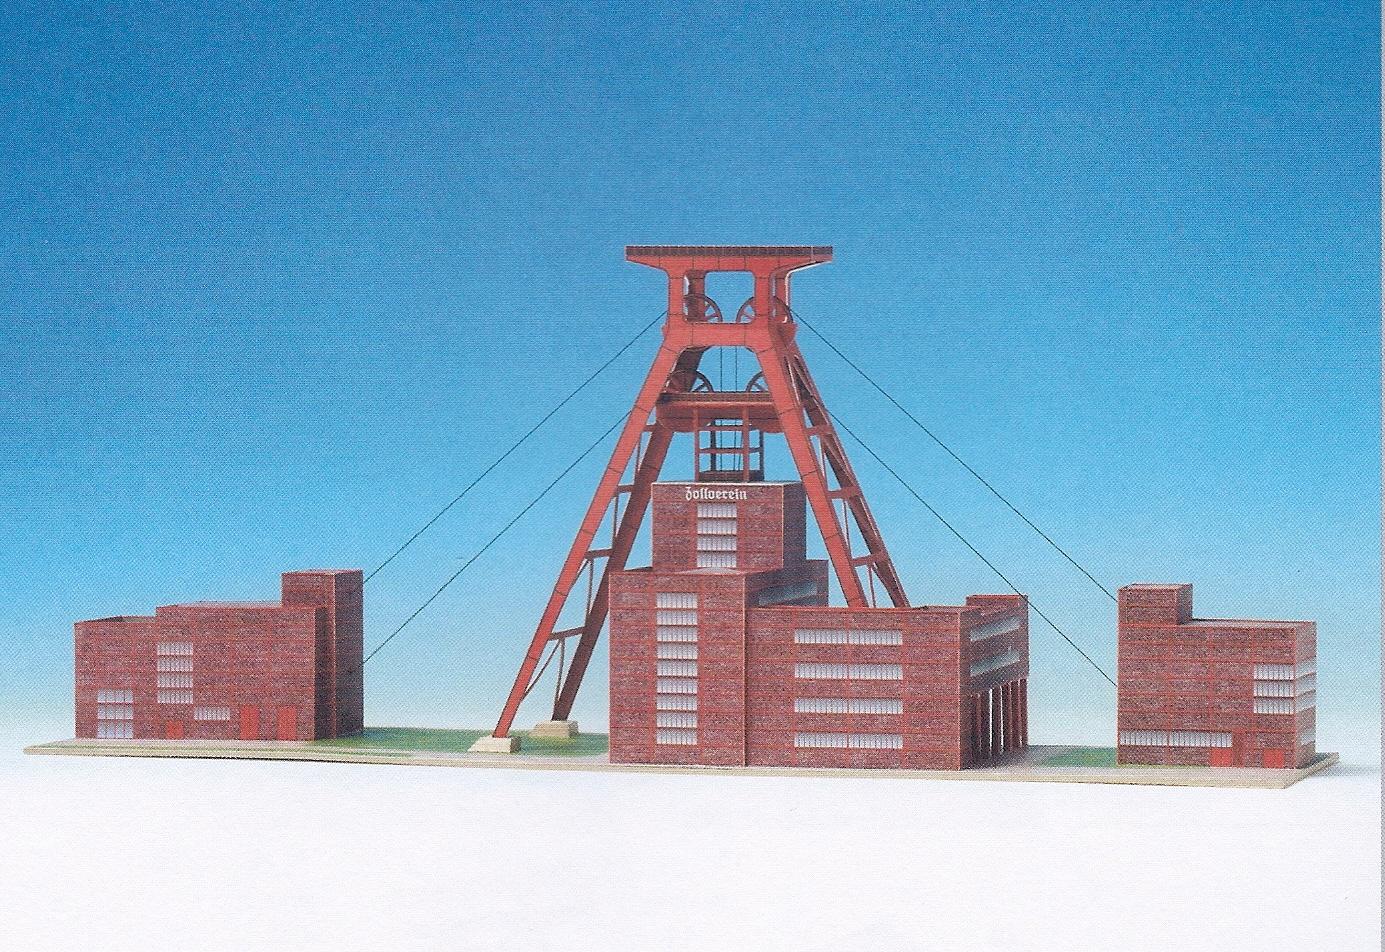 Unesco-Welterbe, zollverein - Das kulturelle Herz des